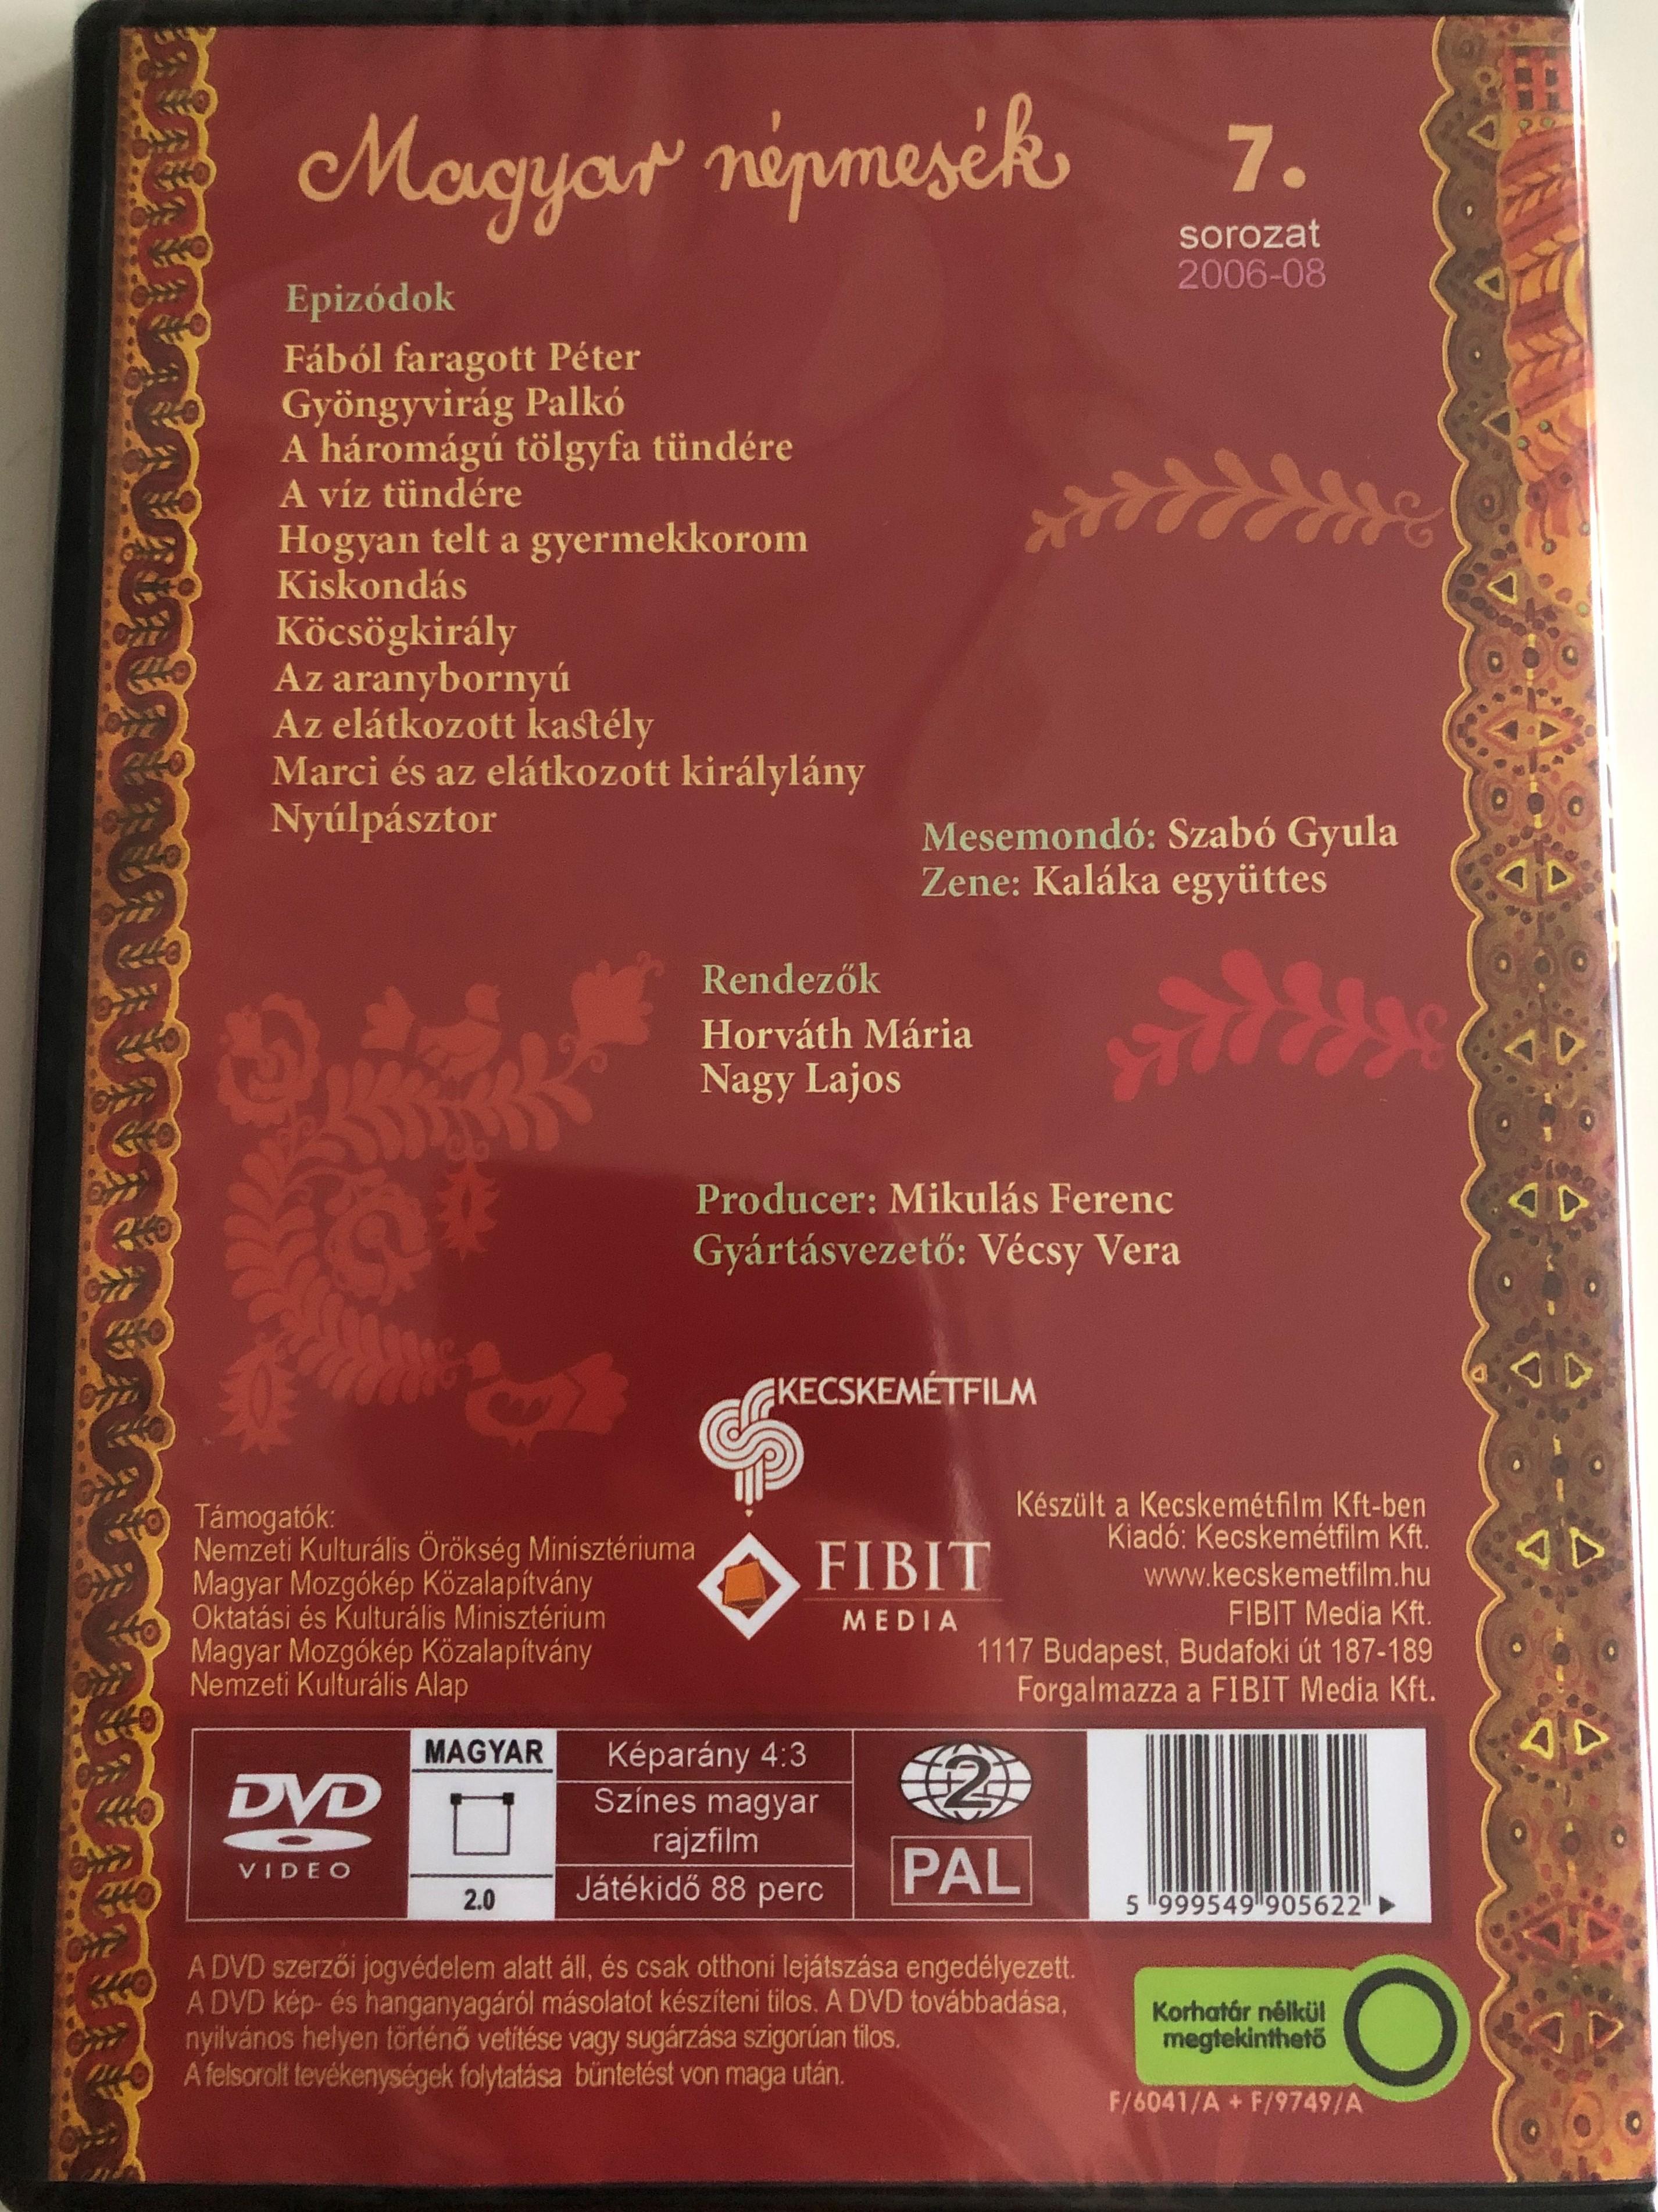 magyar-n-pmes-k-7.-dvd-2008-f-bol-faragott-p-ter-2-.jpg